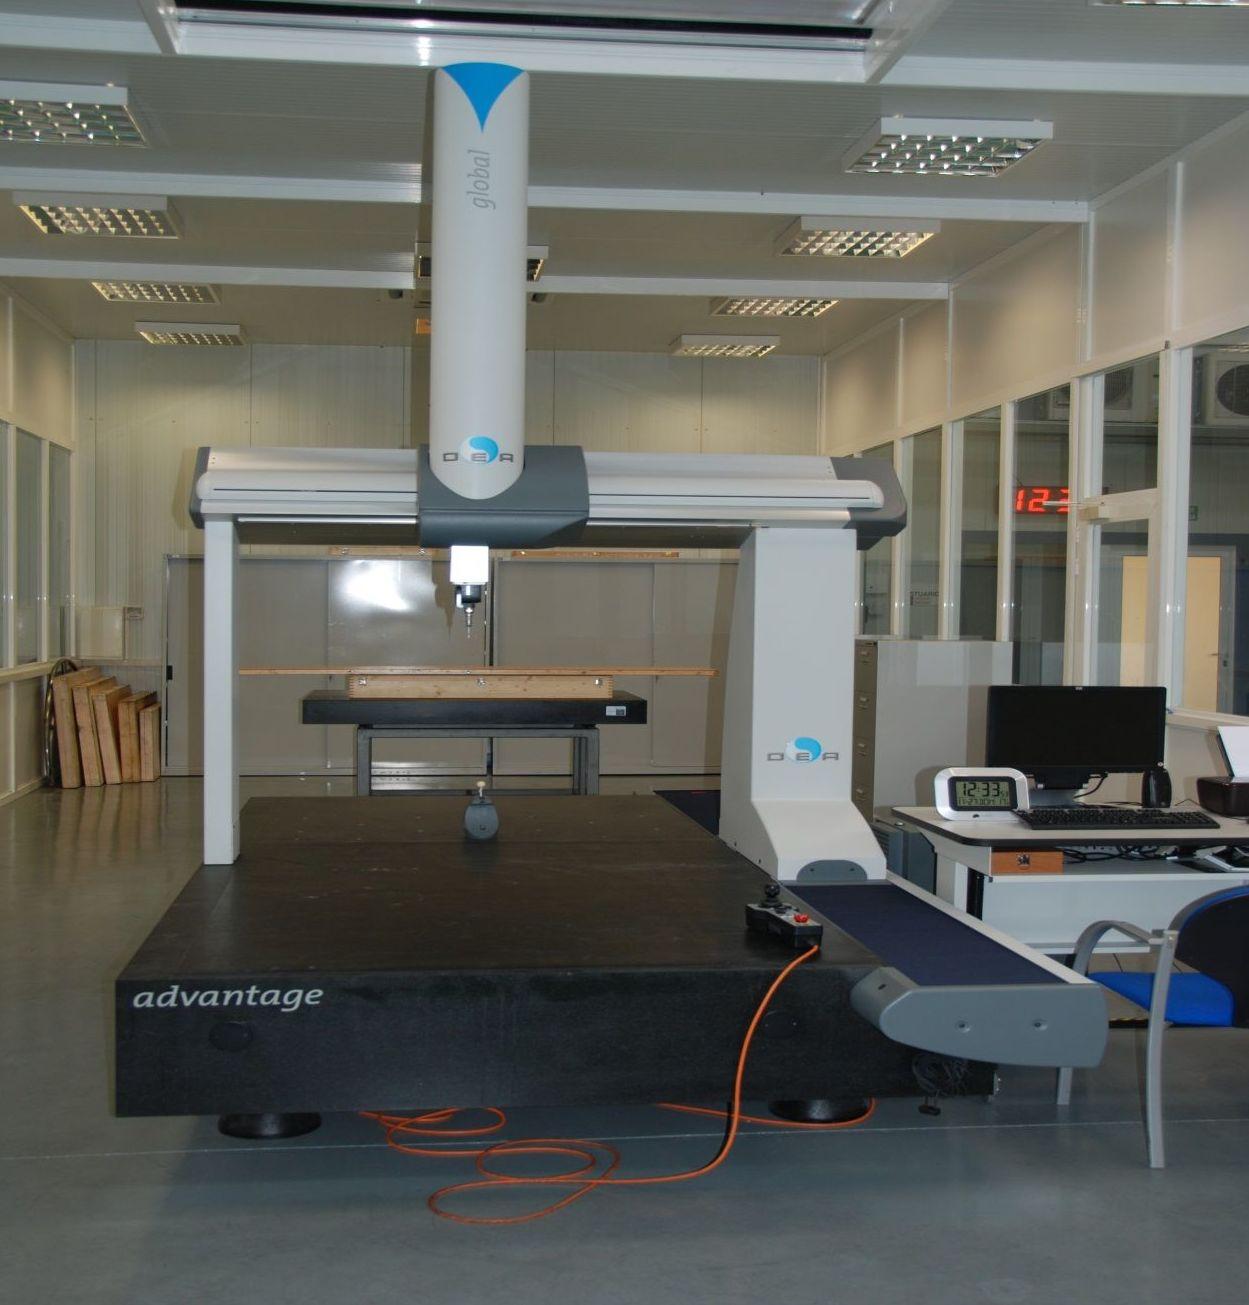 Tridimensional Dea Global Advantage 12.22.10 Hexagon: Maquinaria de Mecanizados Vemar 2011, S.L.